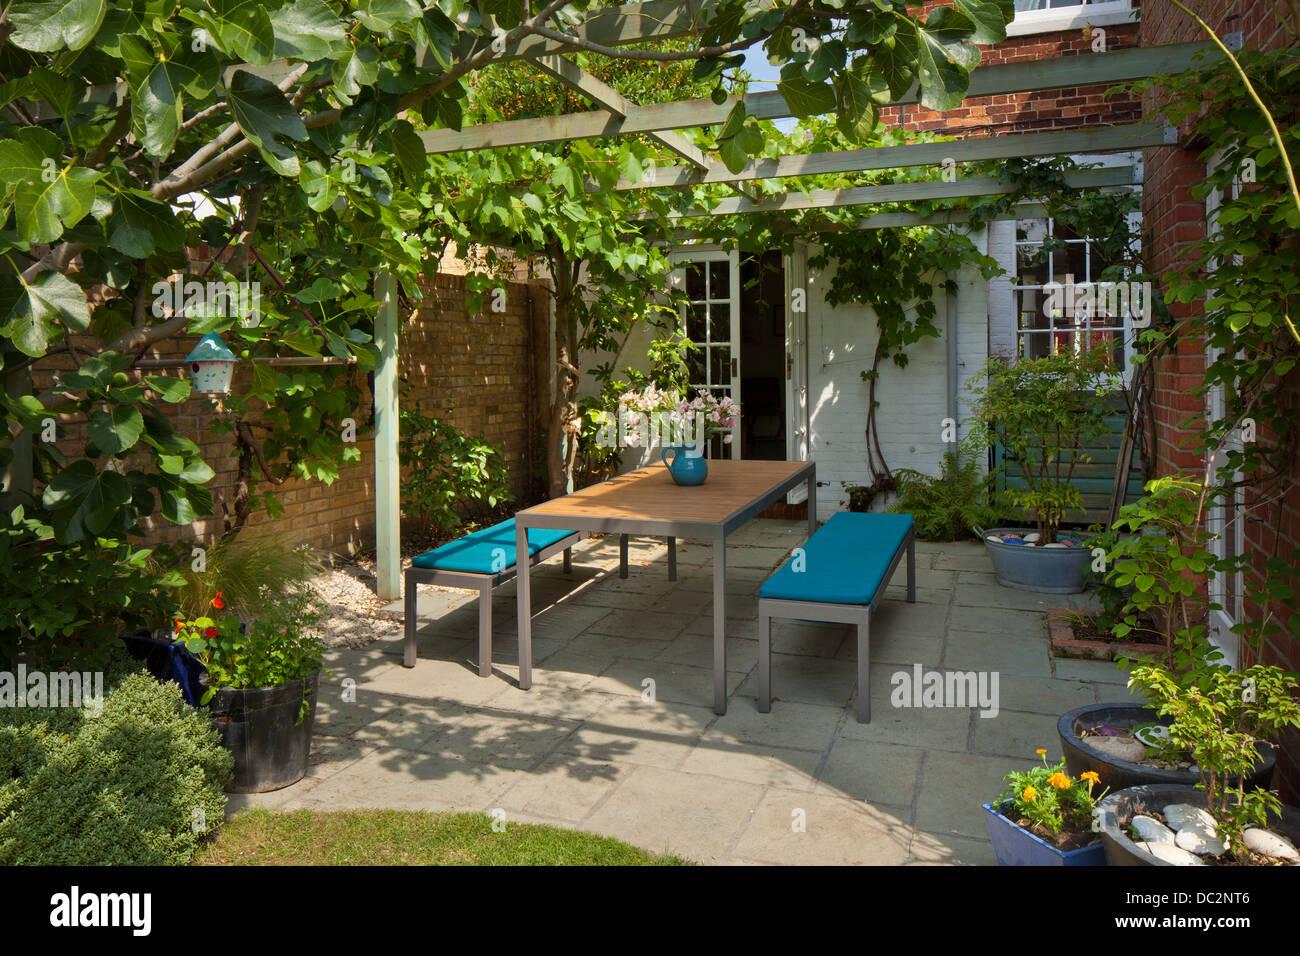 Contemporanea mobili da giardino sotto il pergolato di legno e ombreggiato patio nel giardino inglese, Inghilterra Immagini Stock